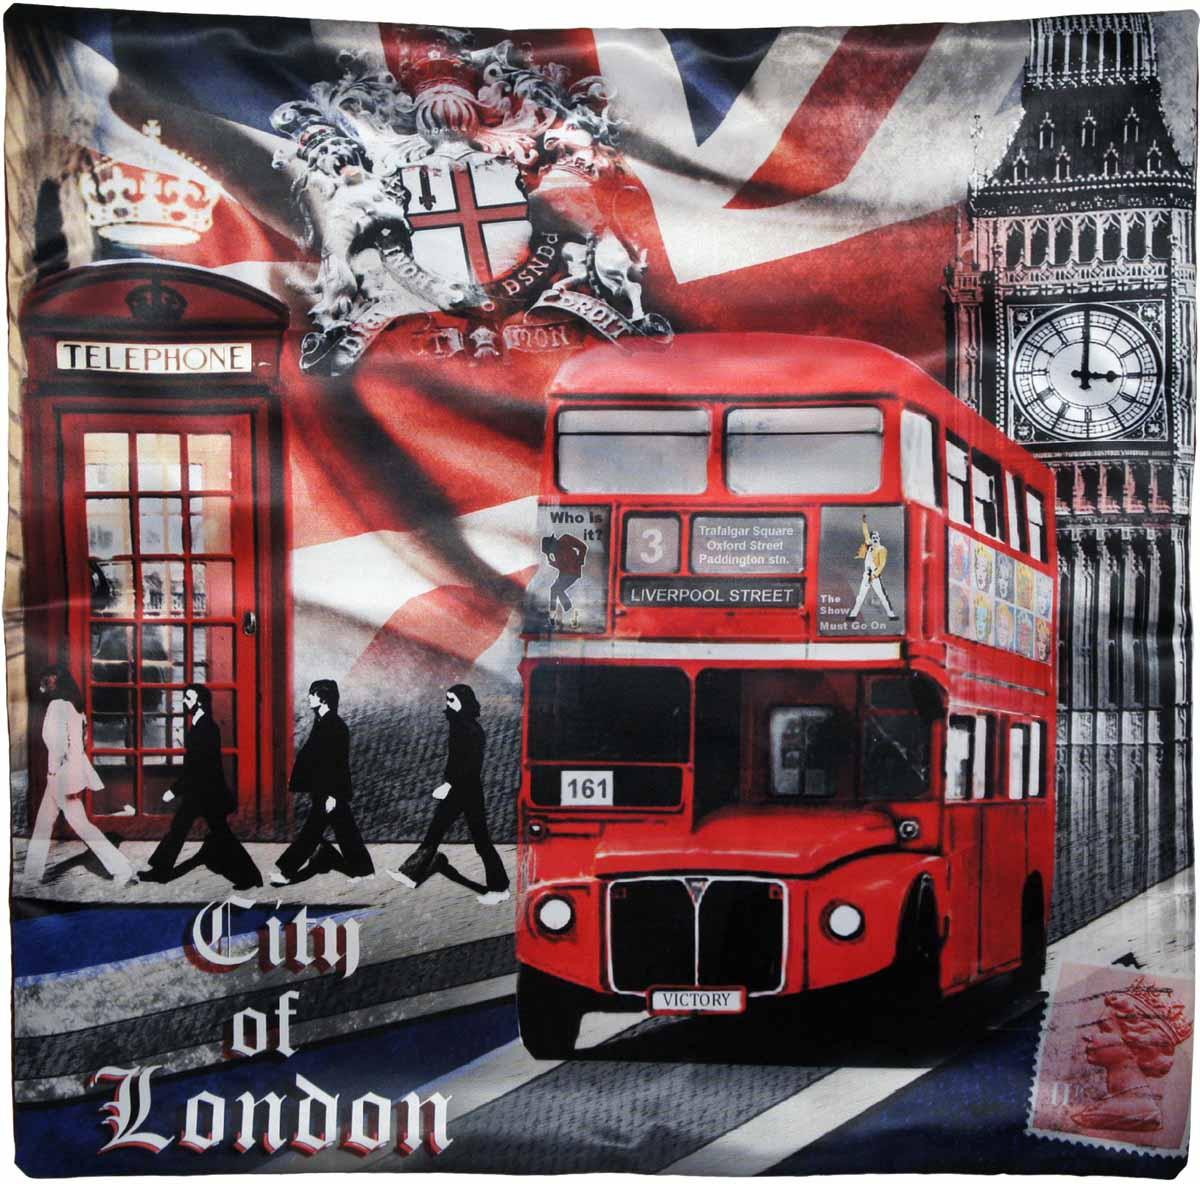 Наволочка для декоративной подушки GiftnHome Лондонские фантазии, цвет: красный, синий, черный, 45 х 45 смБрелок для ключейИзделие изготовлено из искусственного шелка - атласа! Наволочка на молнии